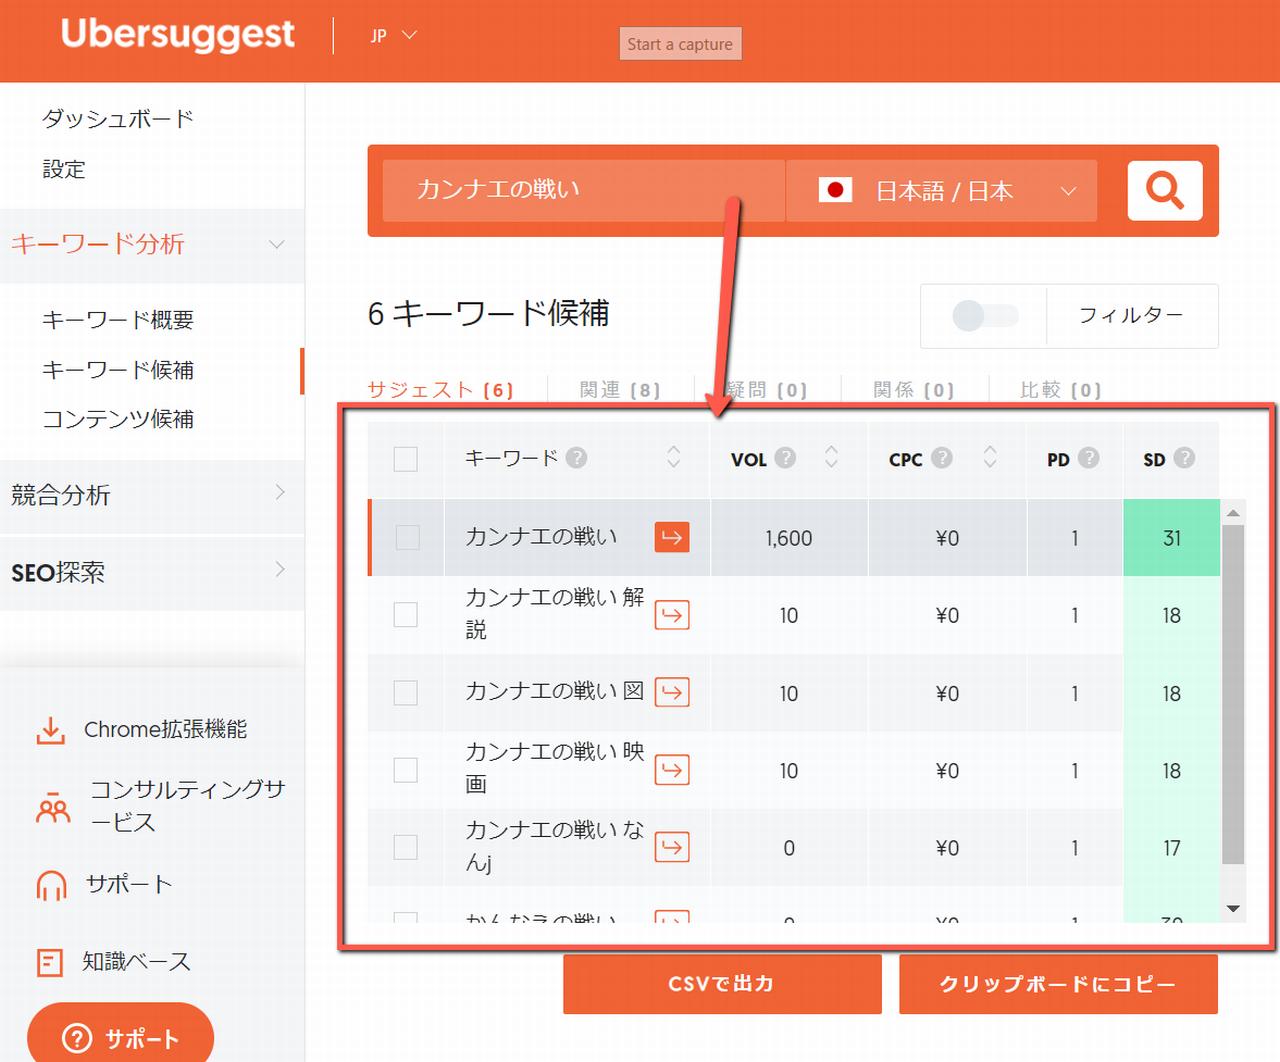 ubersuggestで検索ボリュームを調査する